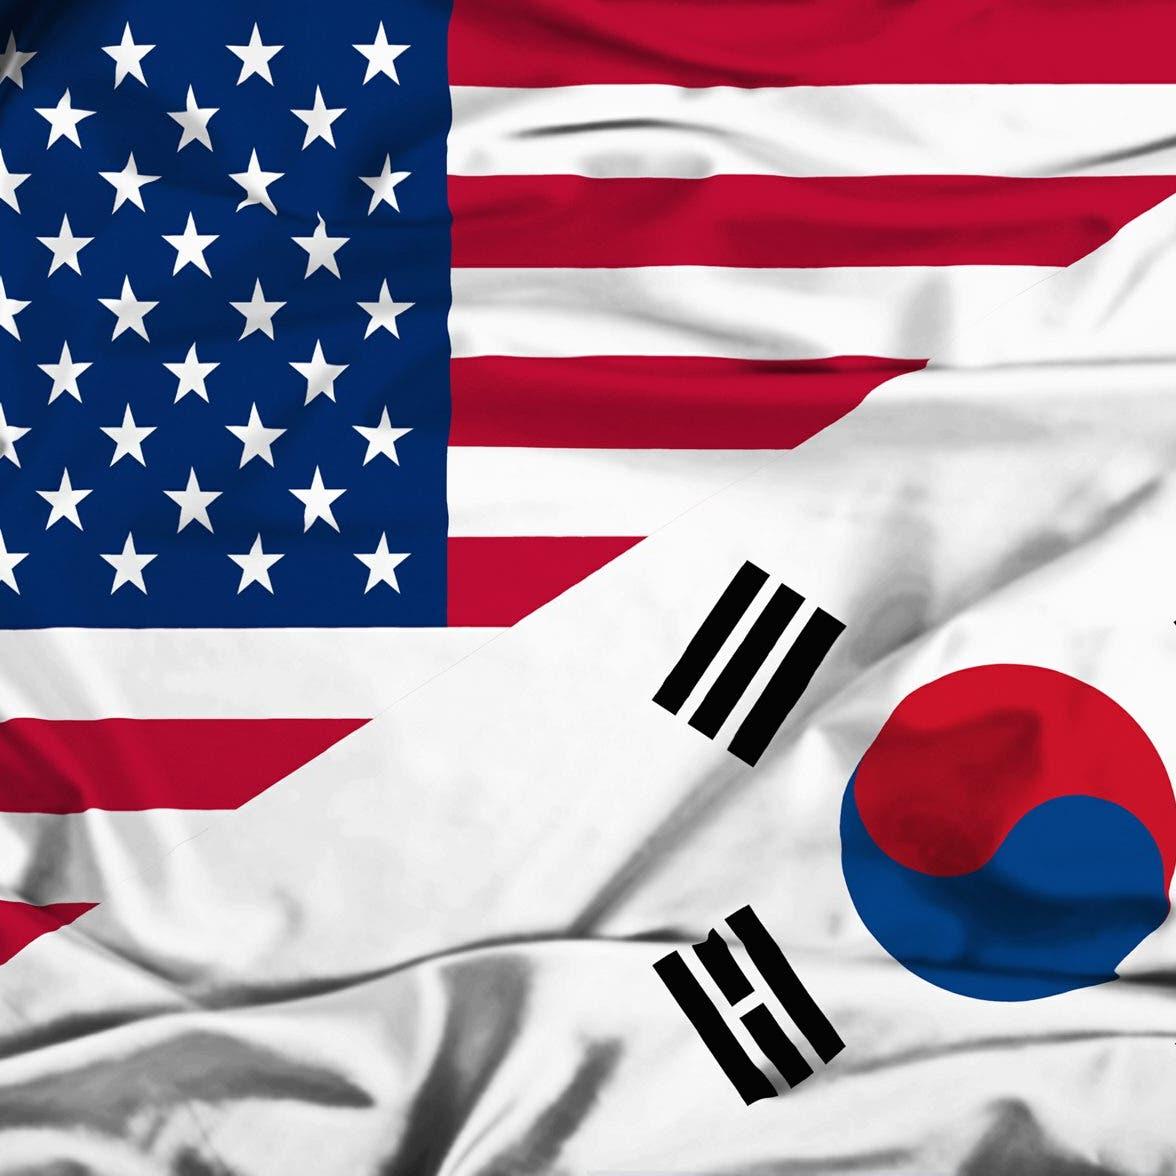 بموجب اتفاقية جديدة.. سيول ستزيد تمويلها للقوات الأميركية